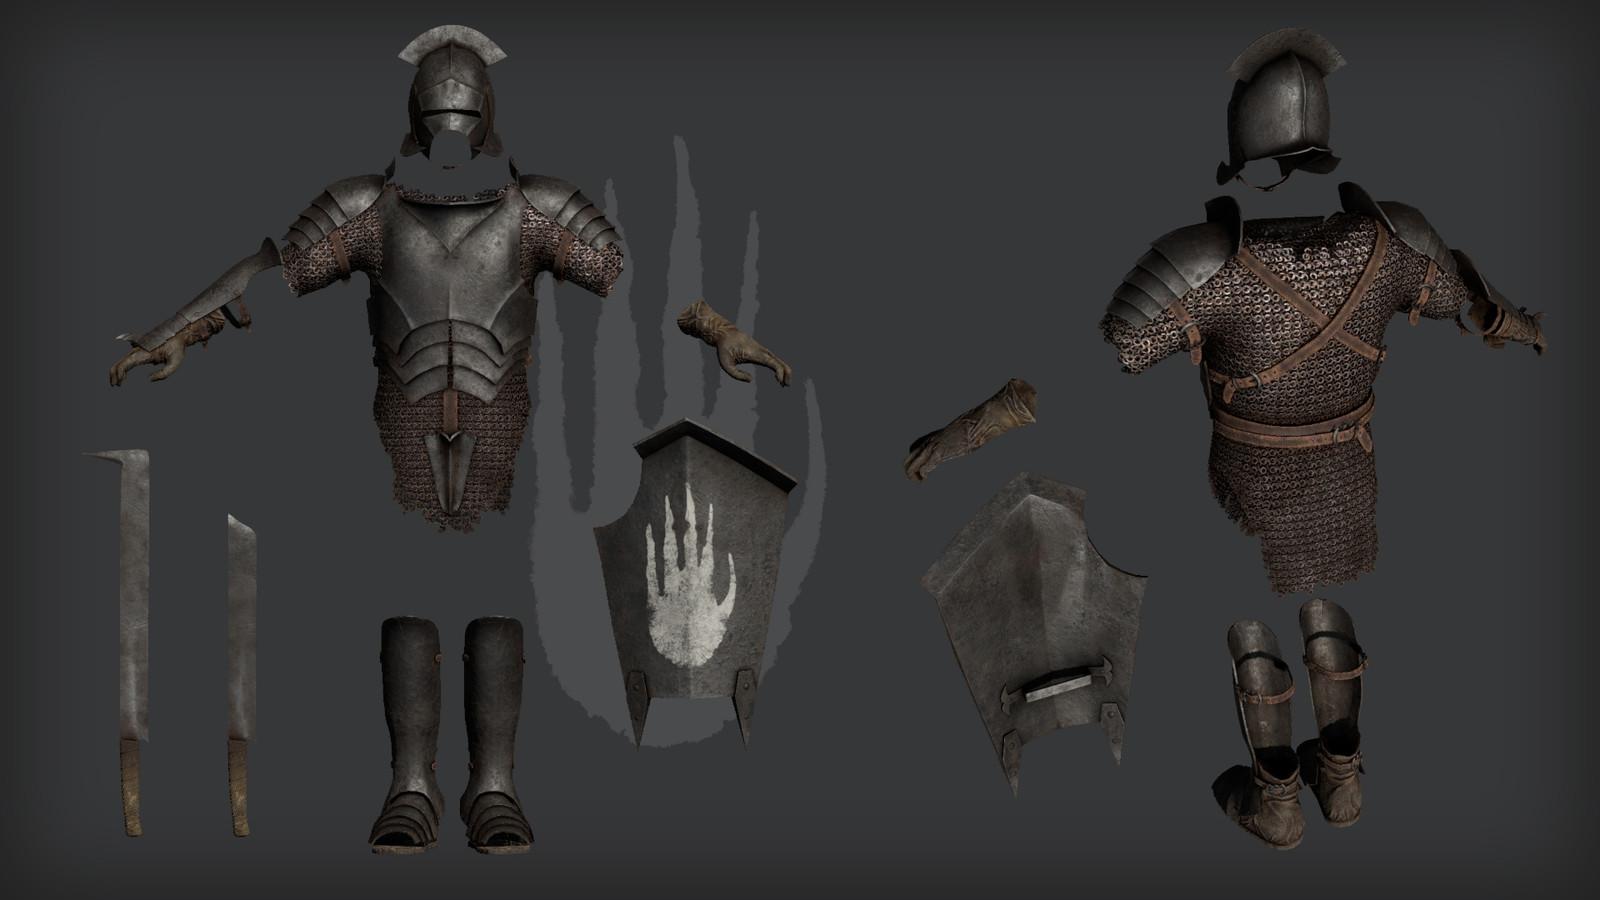 Swordsman rendered in 3DO